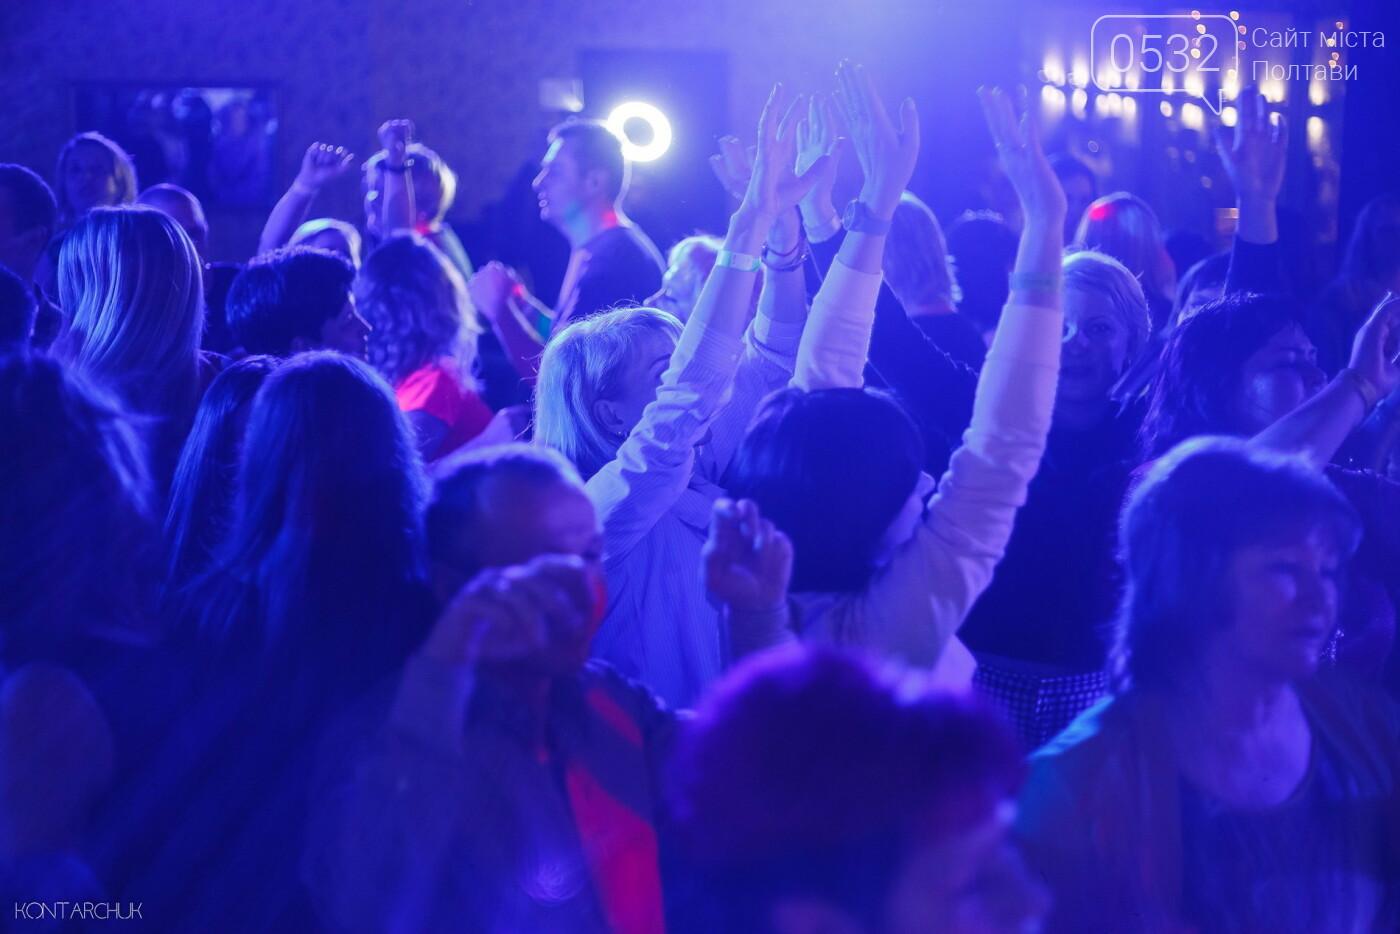 Дискотека 80-х запрошує полтавців на пекельну геловінську вечірку (ФОТО, ВІДЕО), фото-14